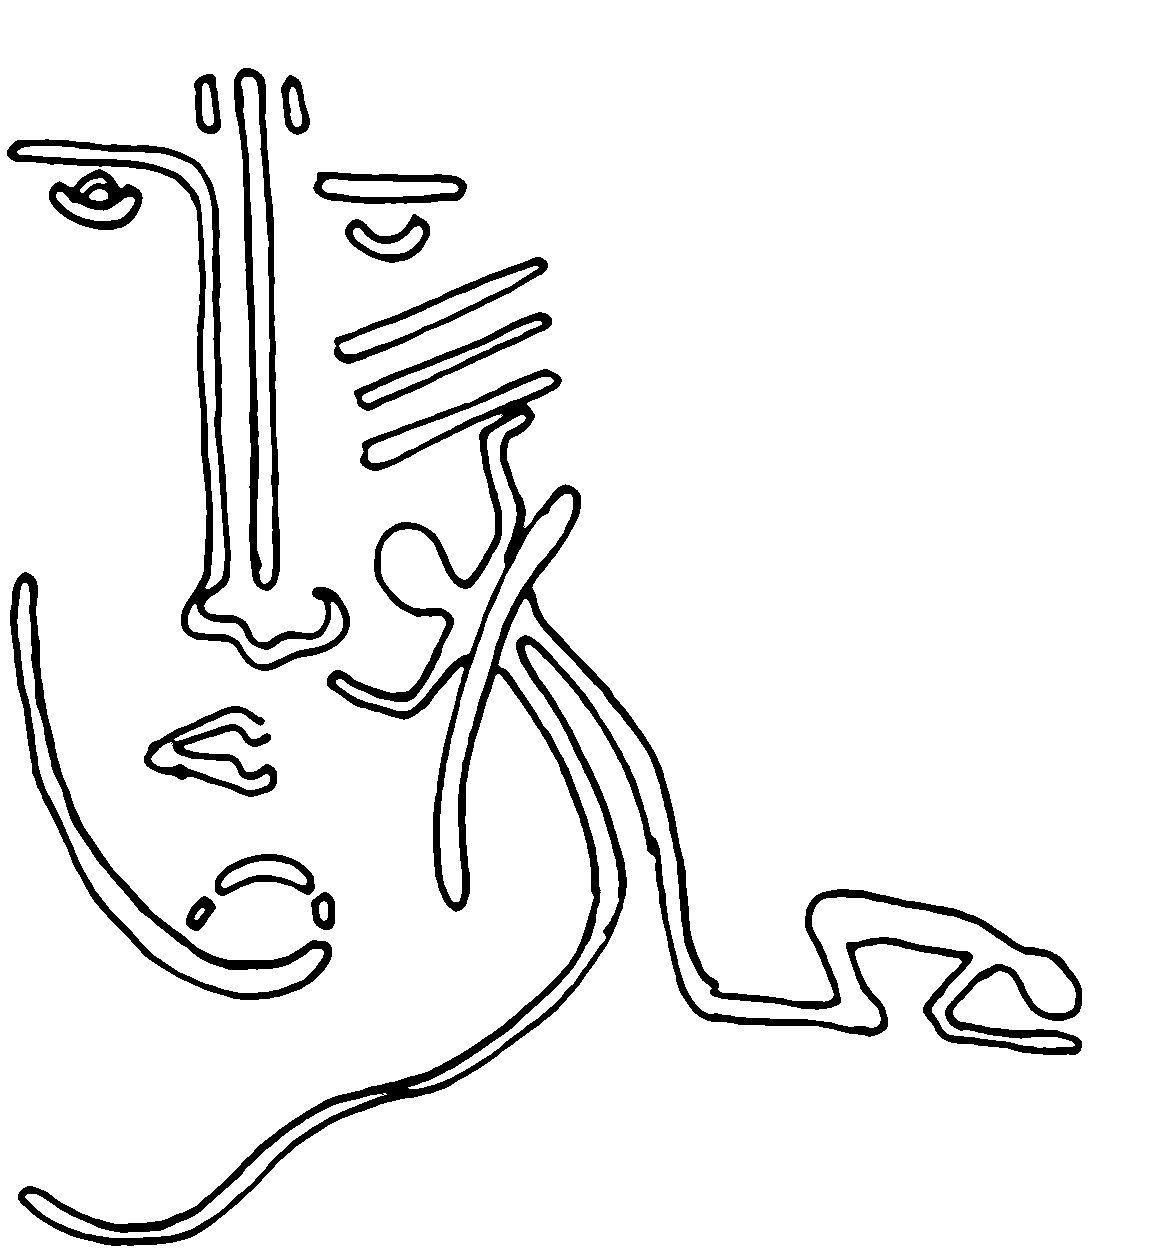 Outline in ink